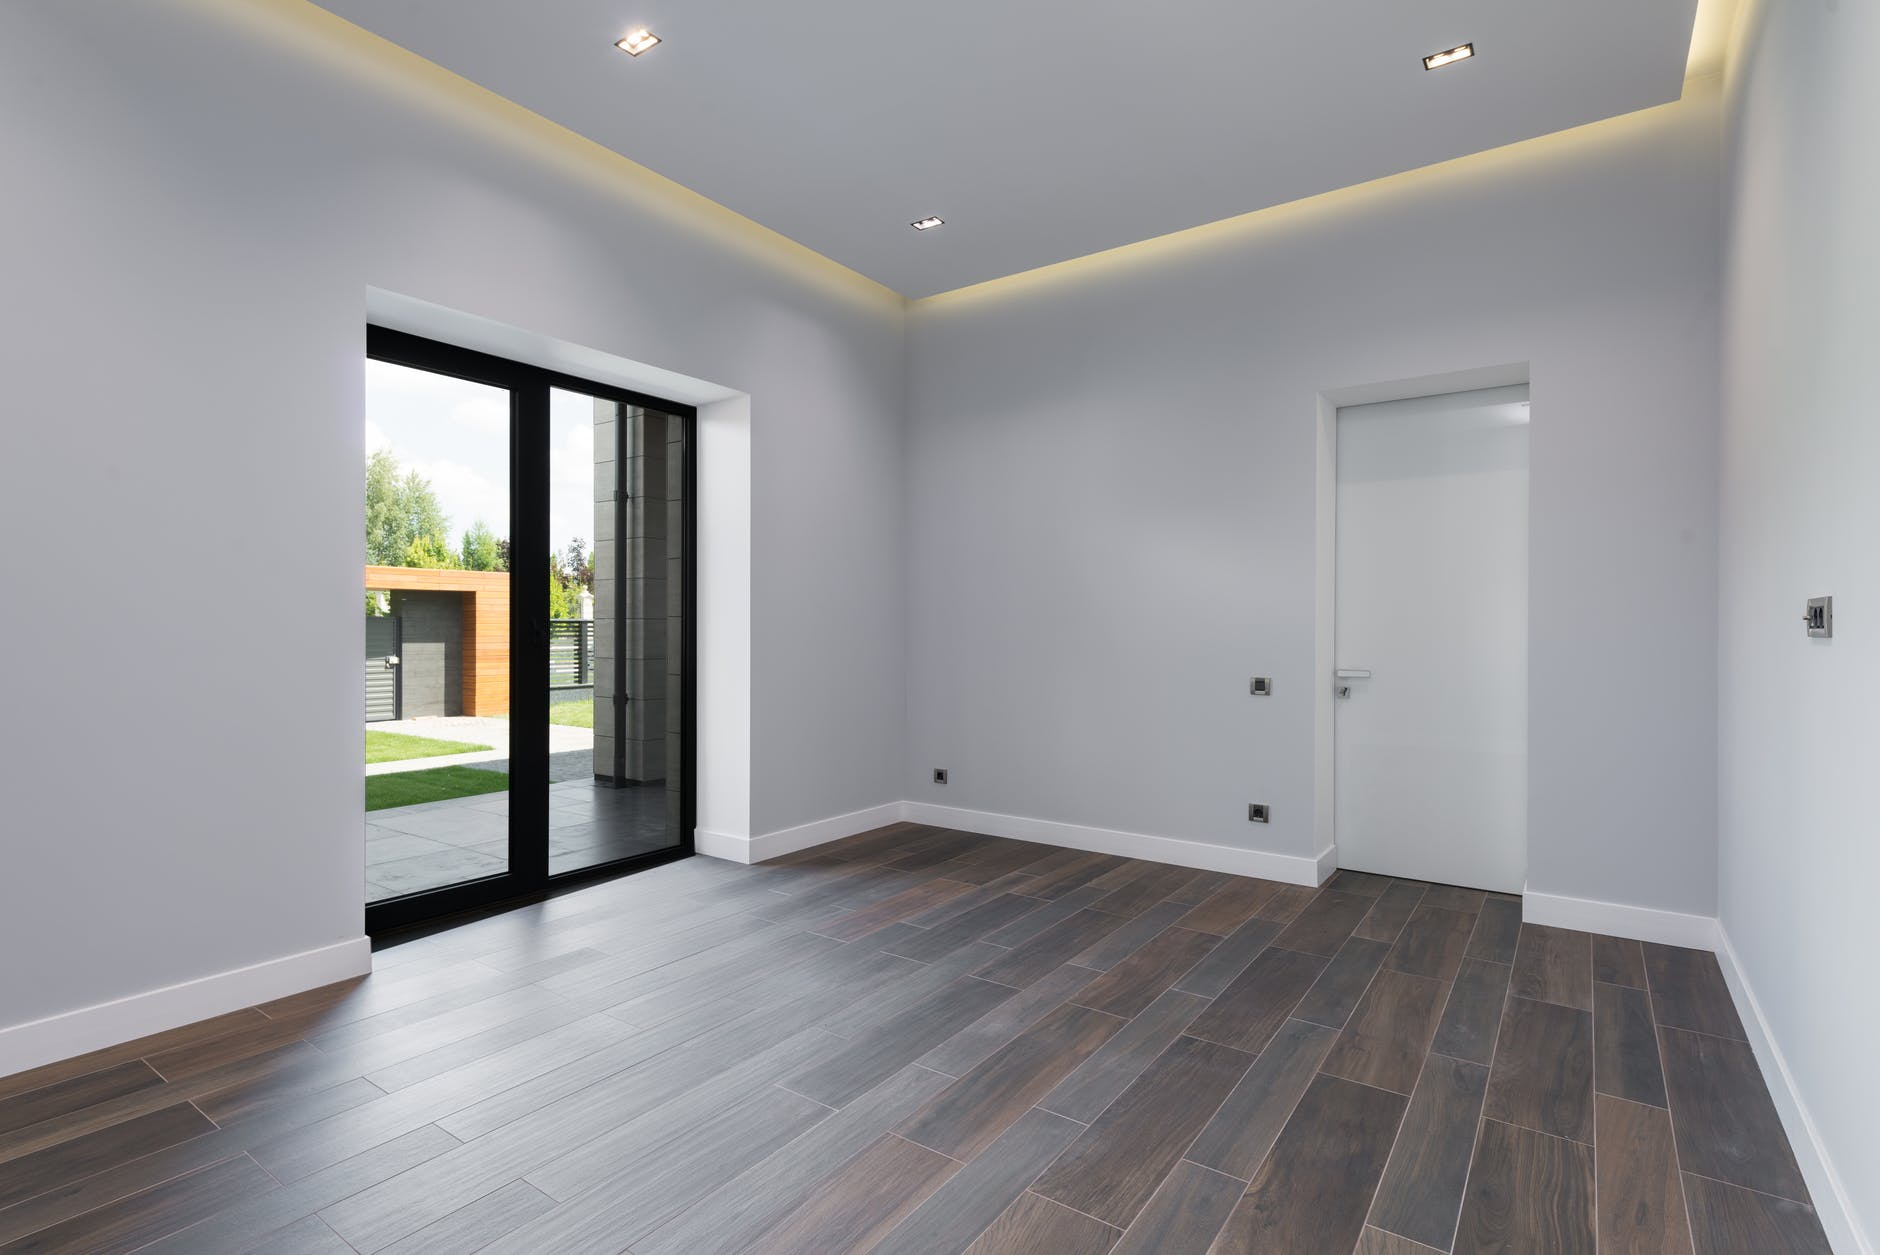 Acheter ou construire sa maison